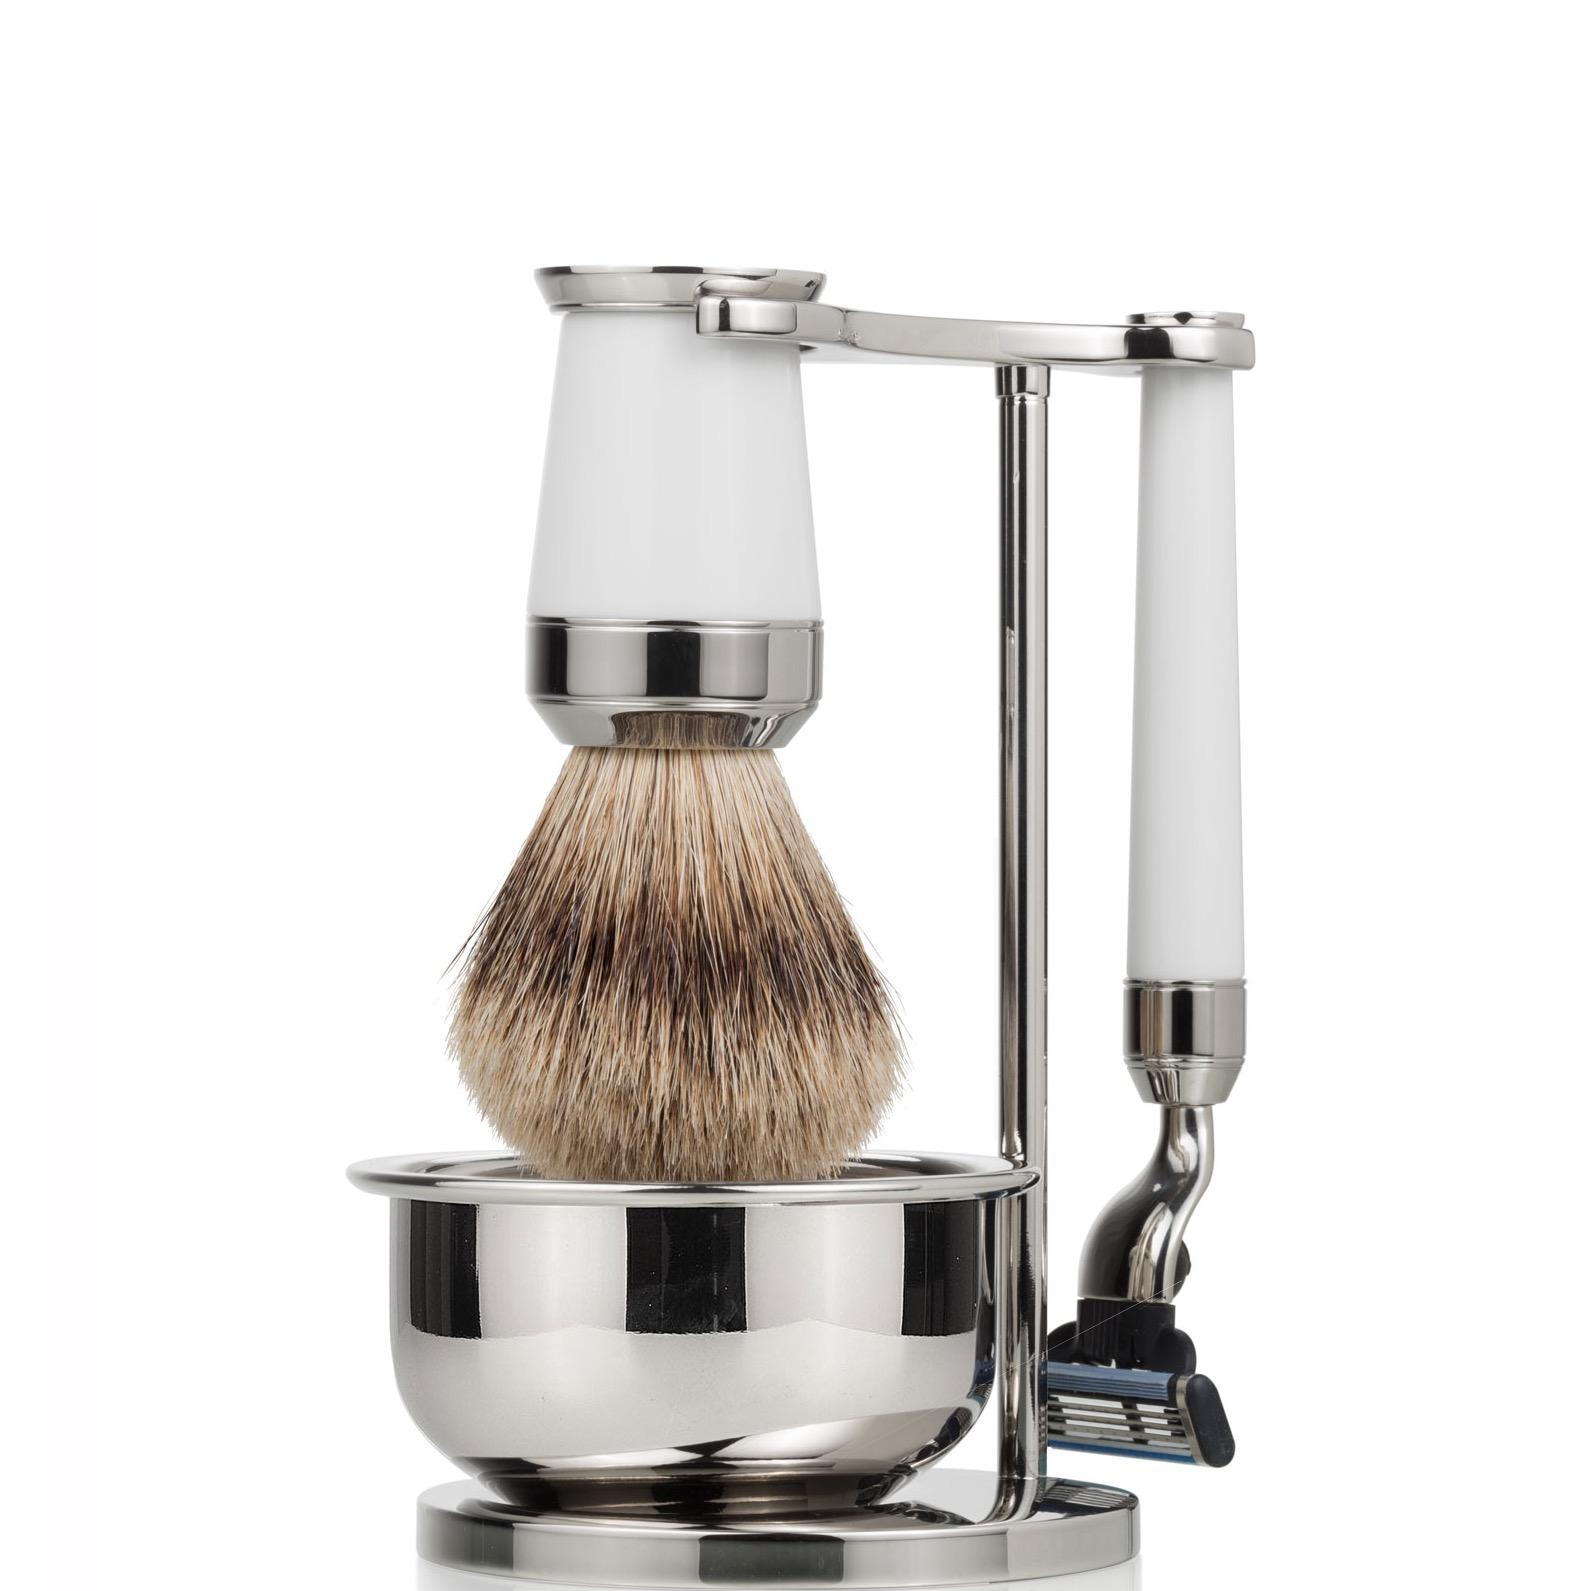 Scheerset & bowl Premium Mach3 - Silvertip - wit